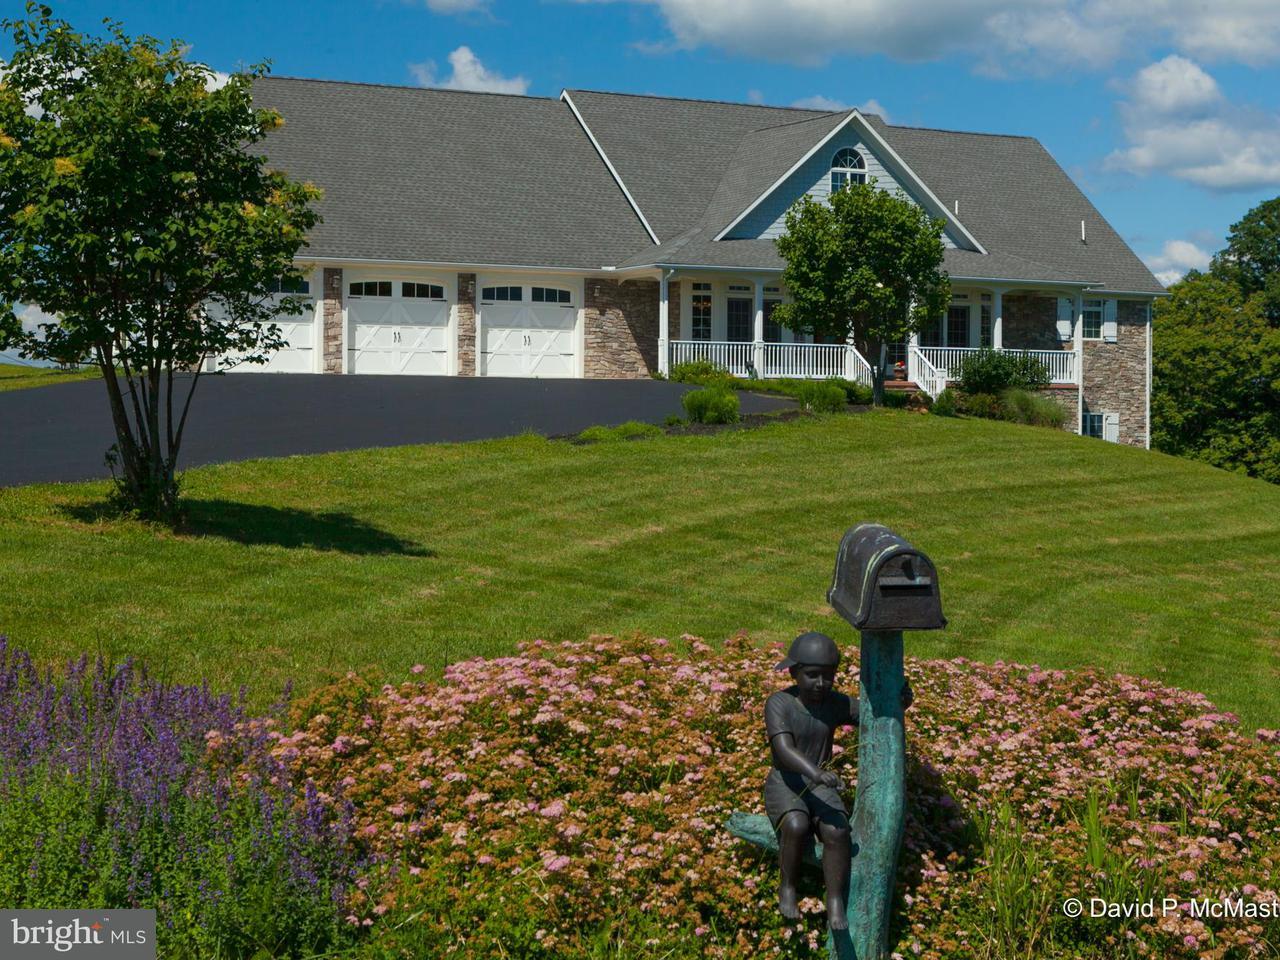 独户住宅 为 销售 在 19 RACHAEL Lane 19 RACHAEL Lane 伯克利斯普林斯, 西弗吉尼亚州 25411 美国